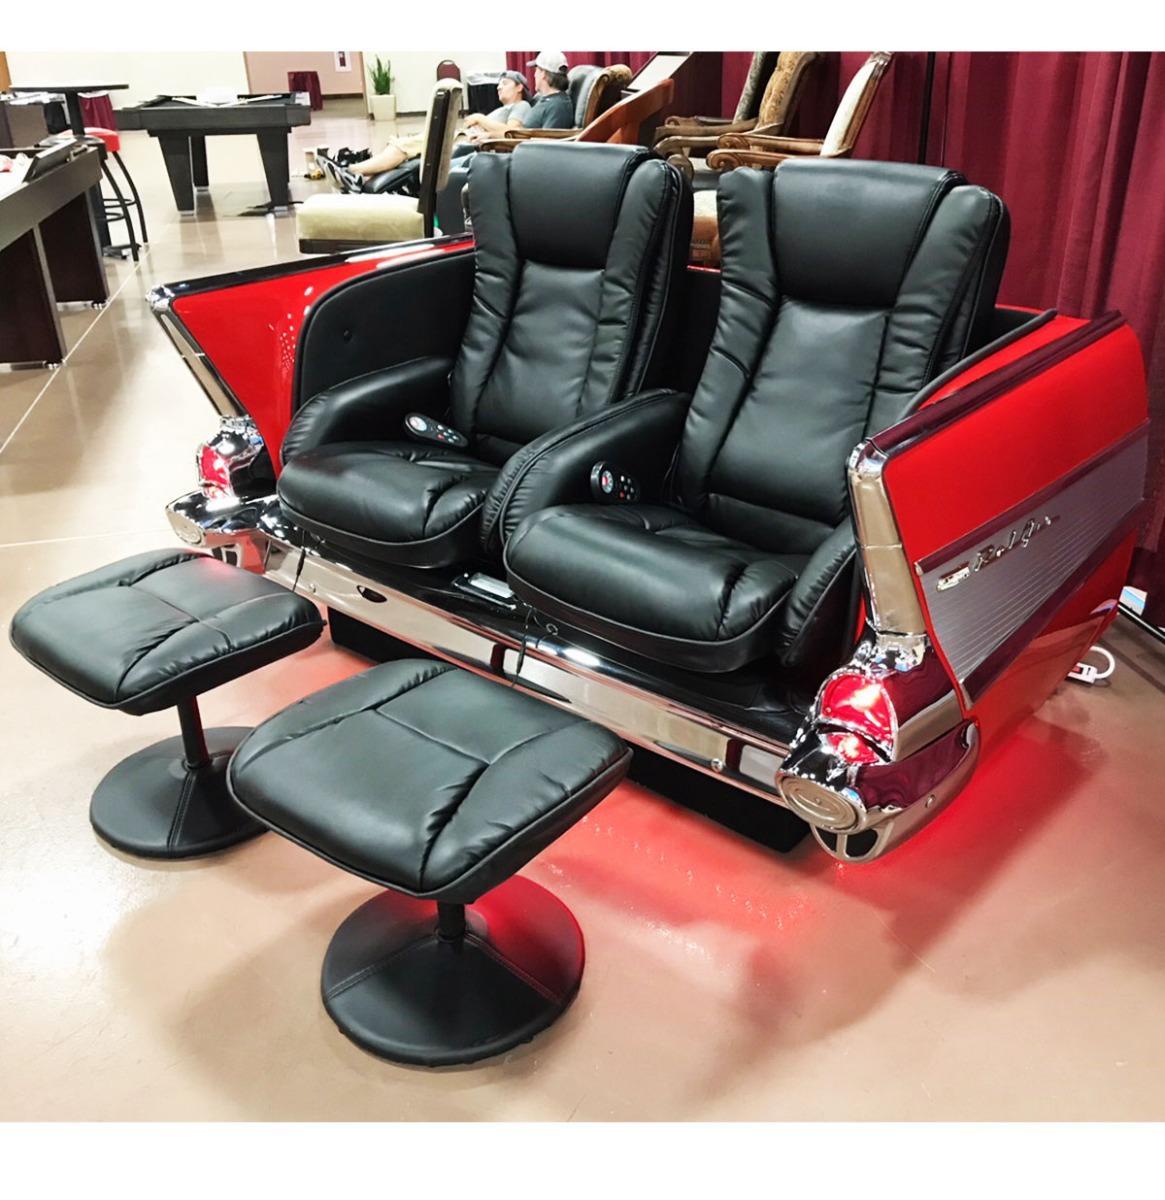 1957 Chevy Bank Met Ligstoelen - Gemaakt Van Een Echte Chevy